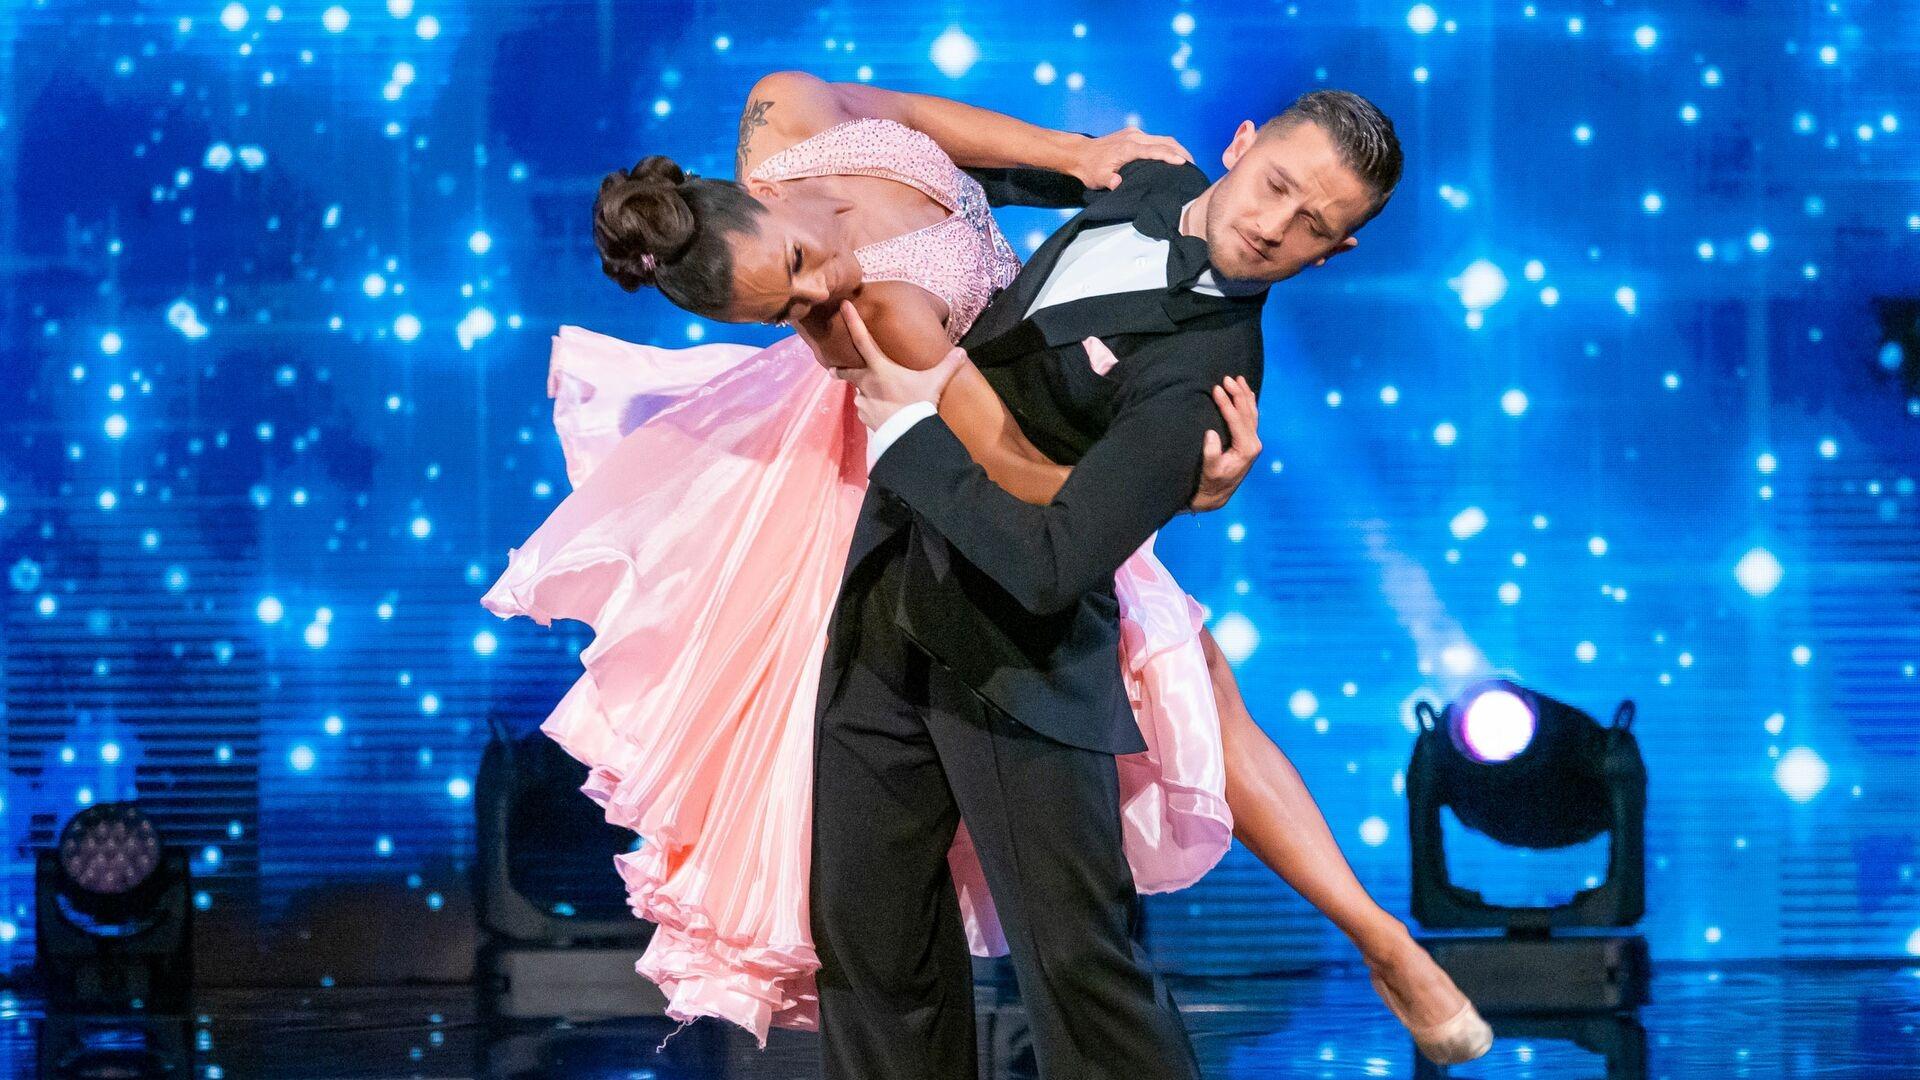 dating salsa danser Hva er en legit oppkobling nettsted